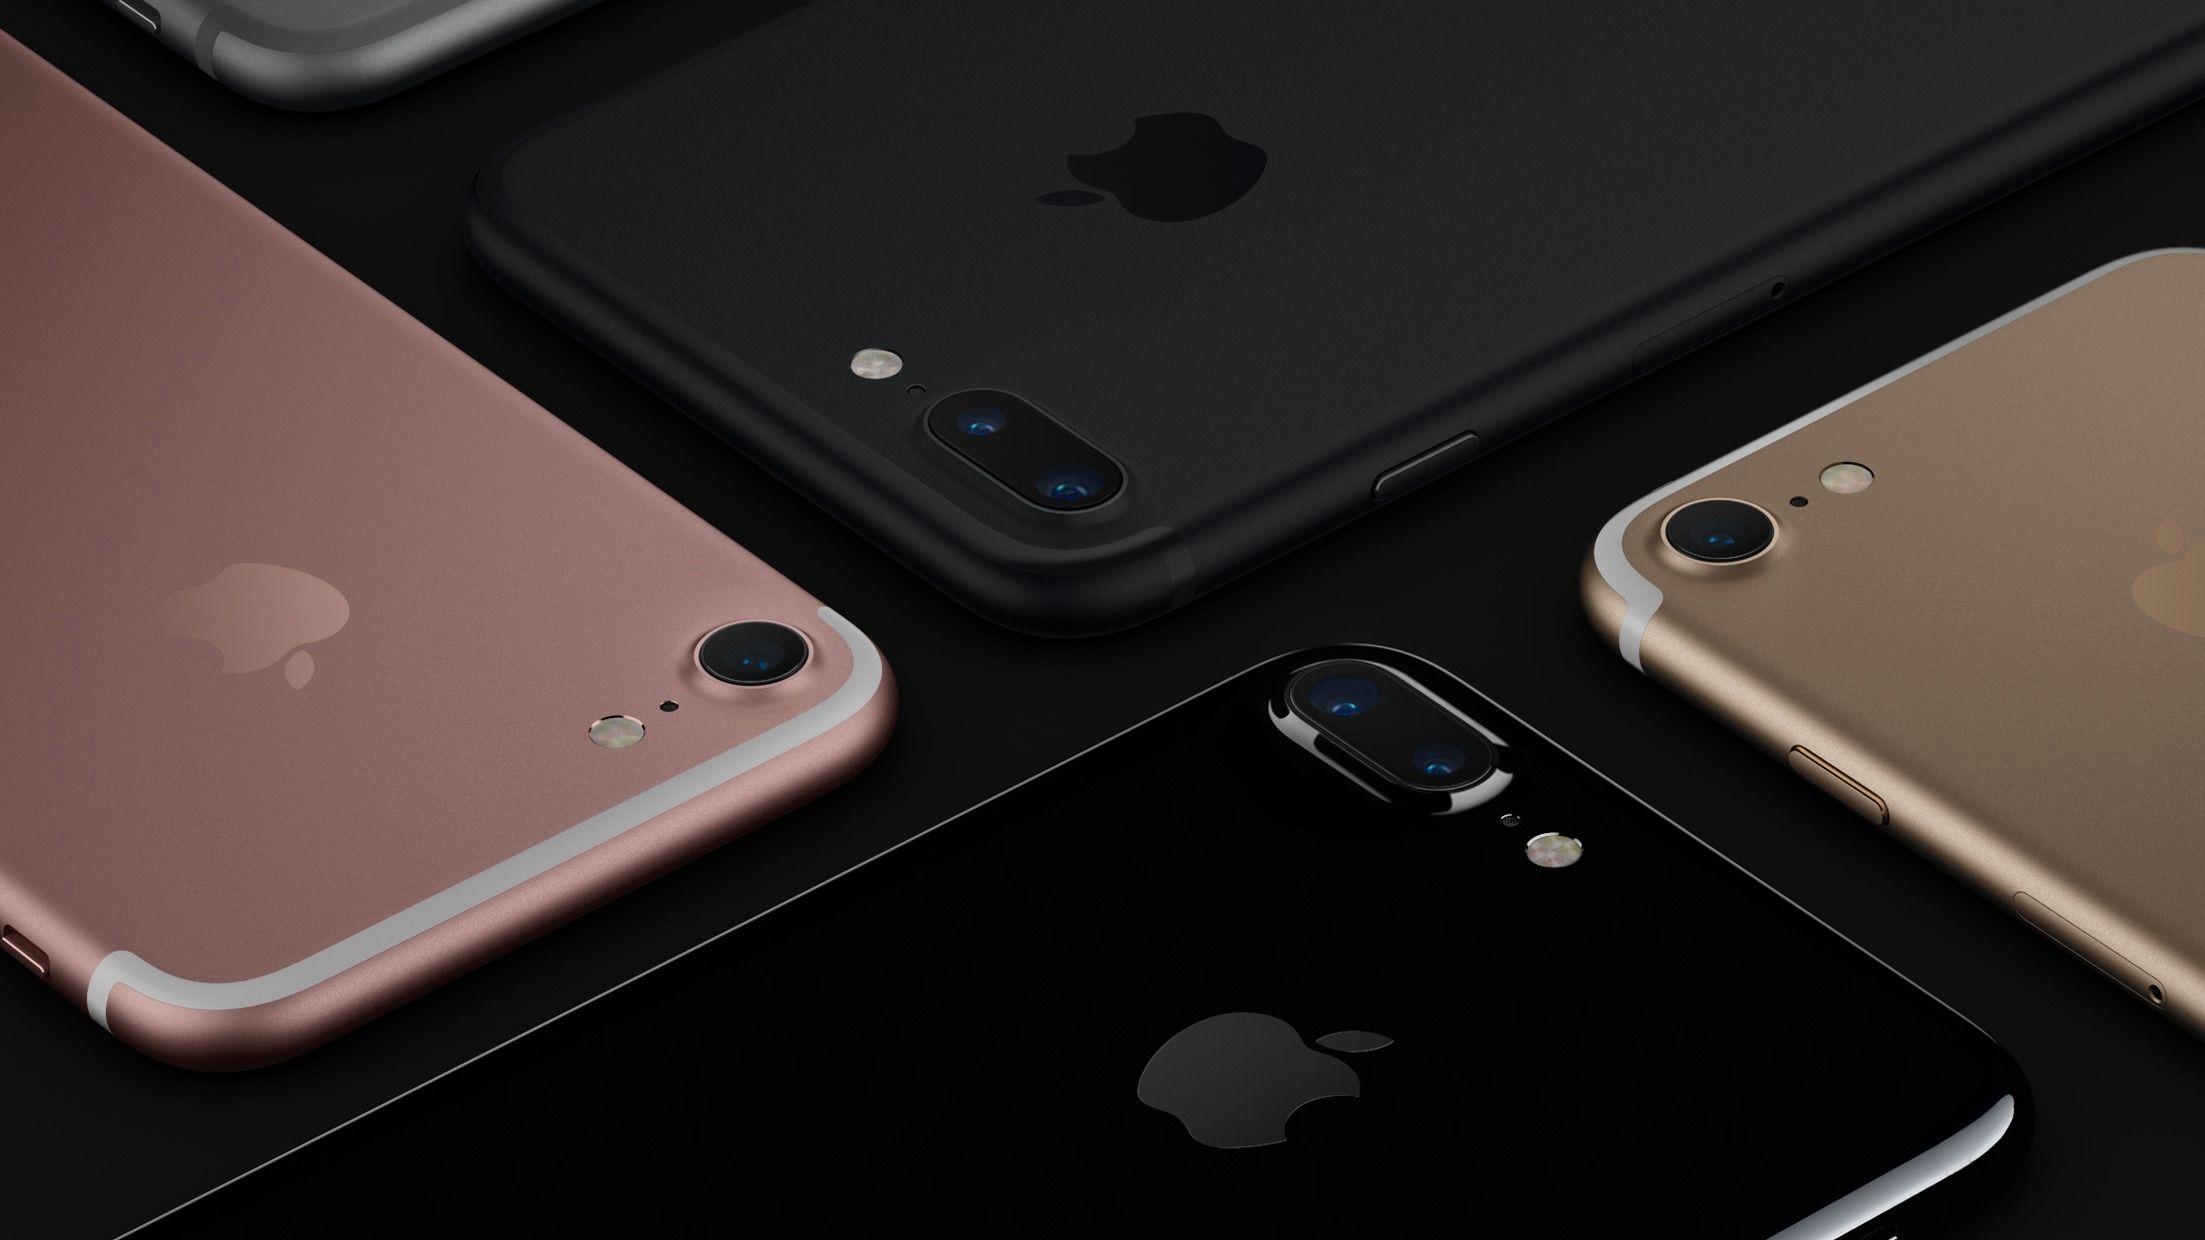 Apple gjorde telefonene sine tregere for å unngå at de skrudde seg av som følge av svakt batteri. Nå må de punge ut.